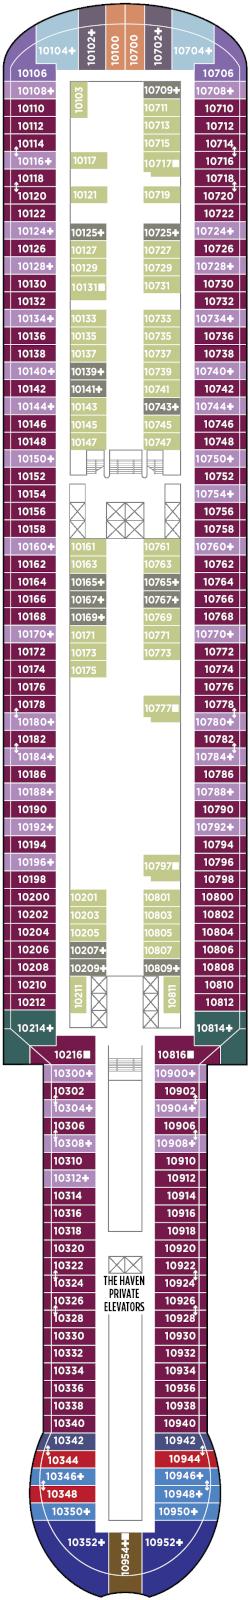 Norwegian Prima Deck 10 Deck Plan